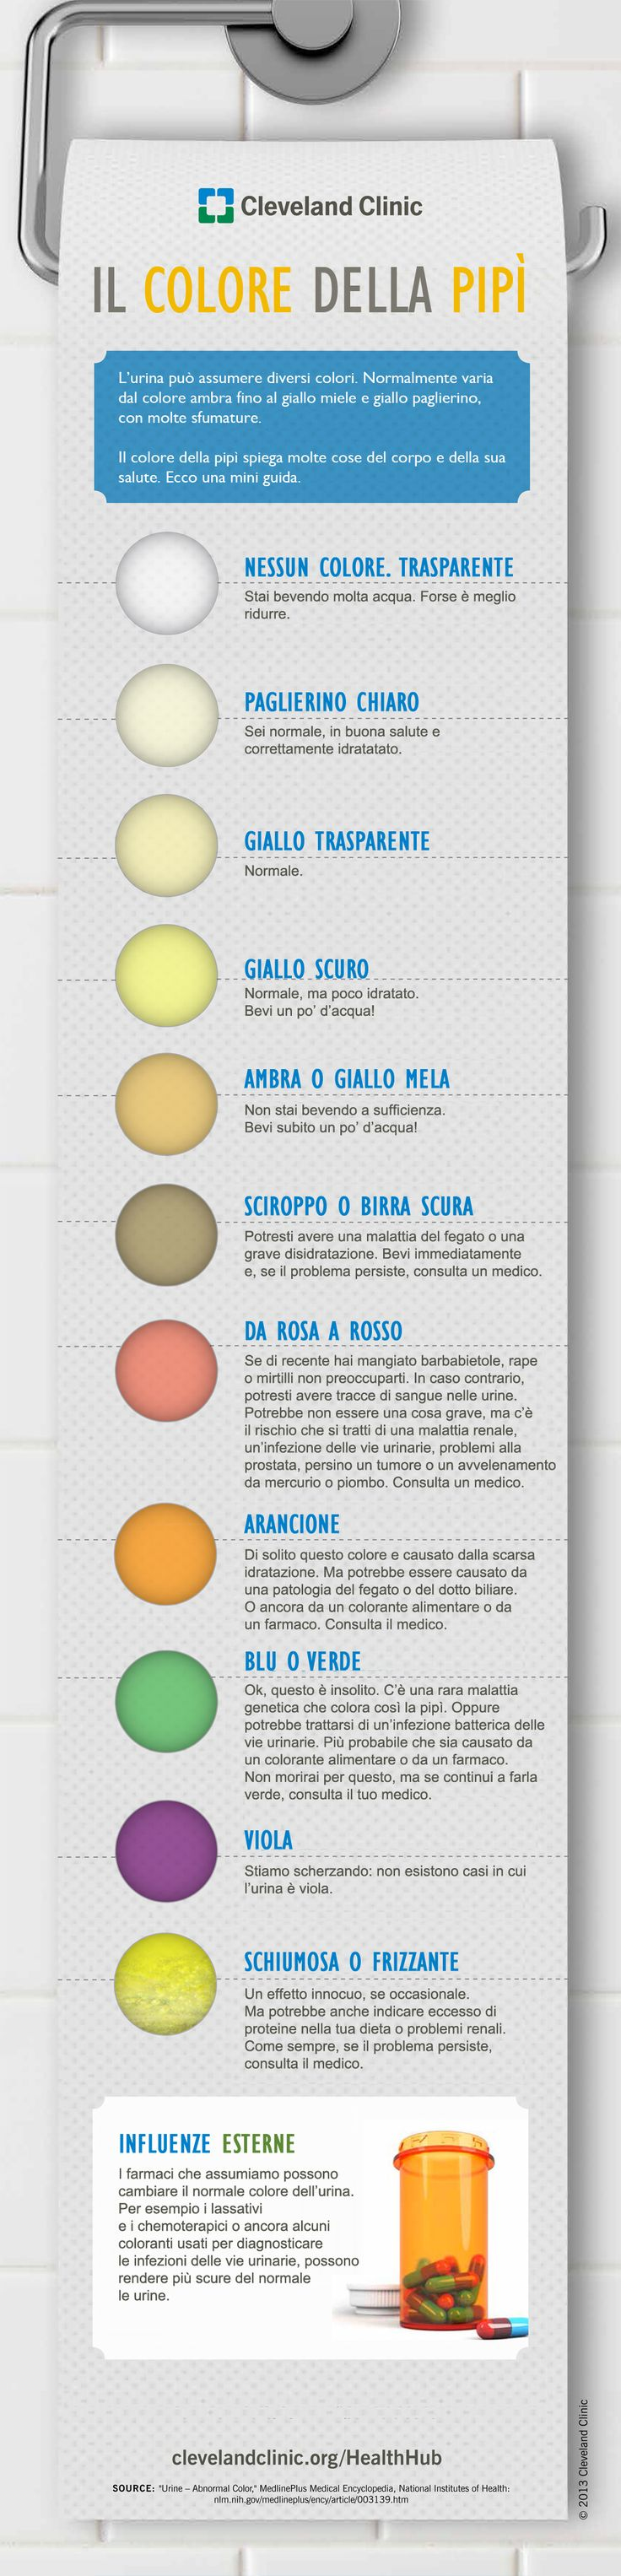 Il colore della pipì - Focus.it #infografica